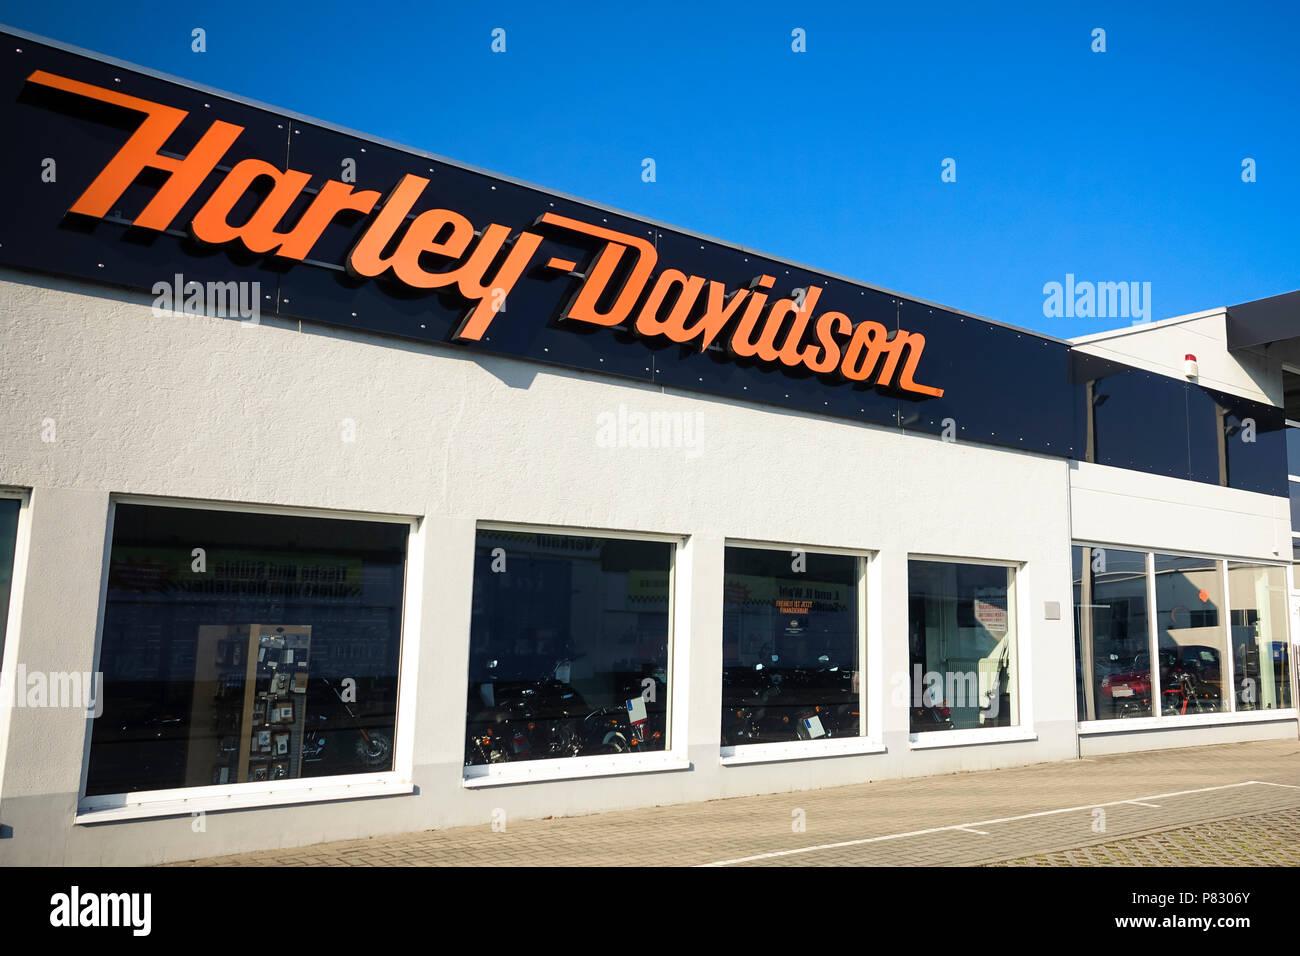 harley davidson sign stock photos harley davidson sign. Black Bedroom Furniture Sets. Home Design Ideas